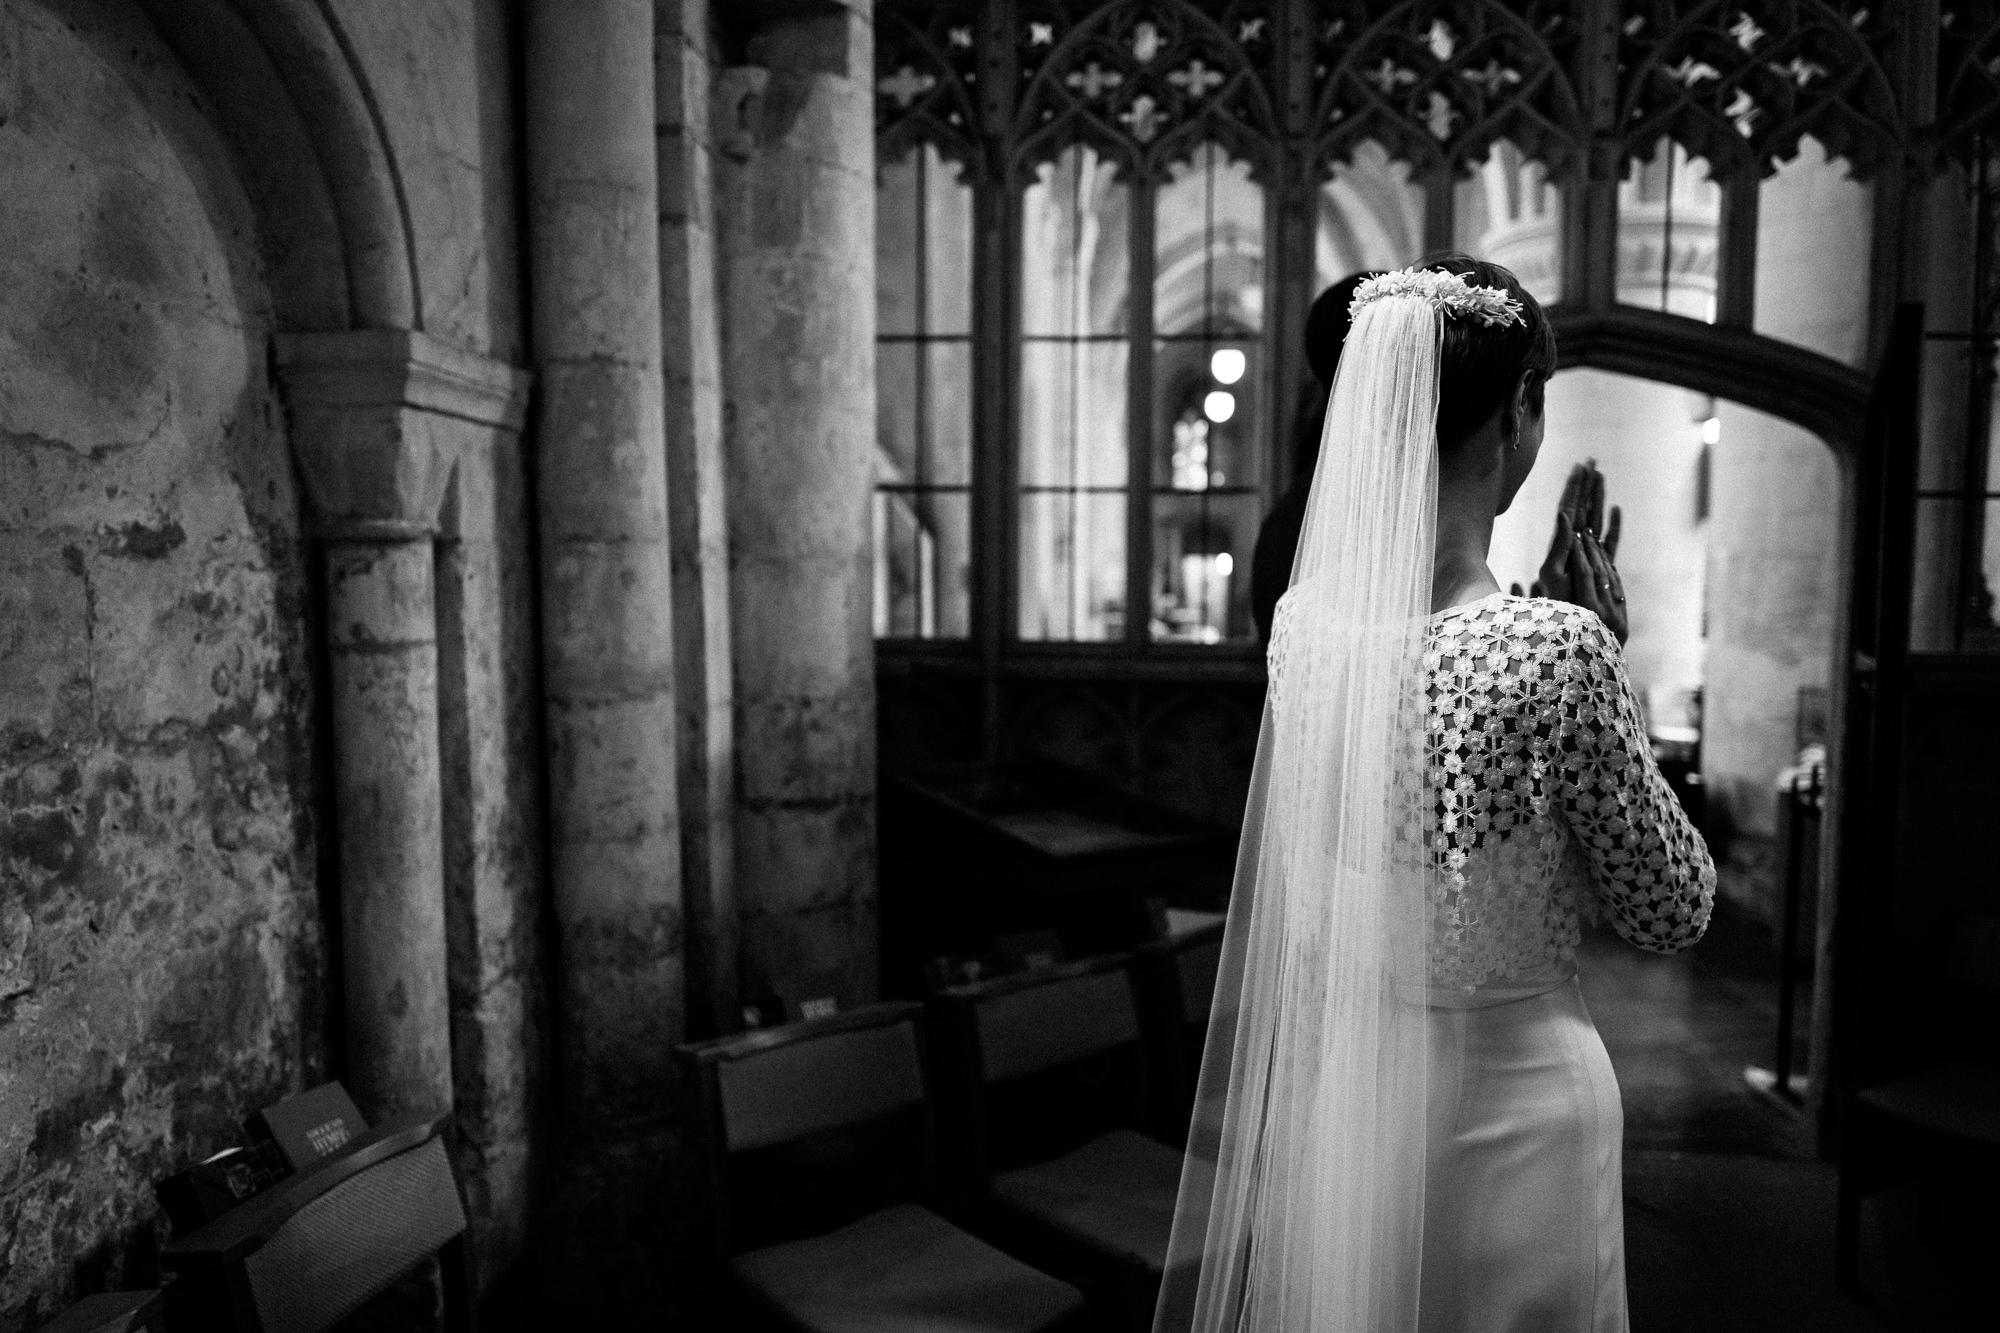 malmsbury-abbey-wedding-43